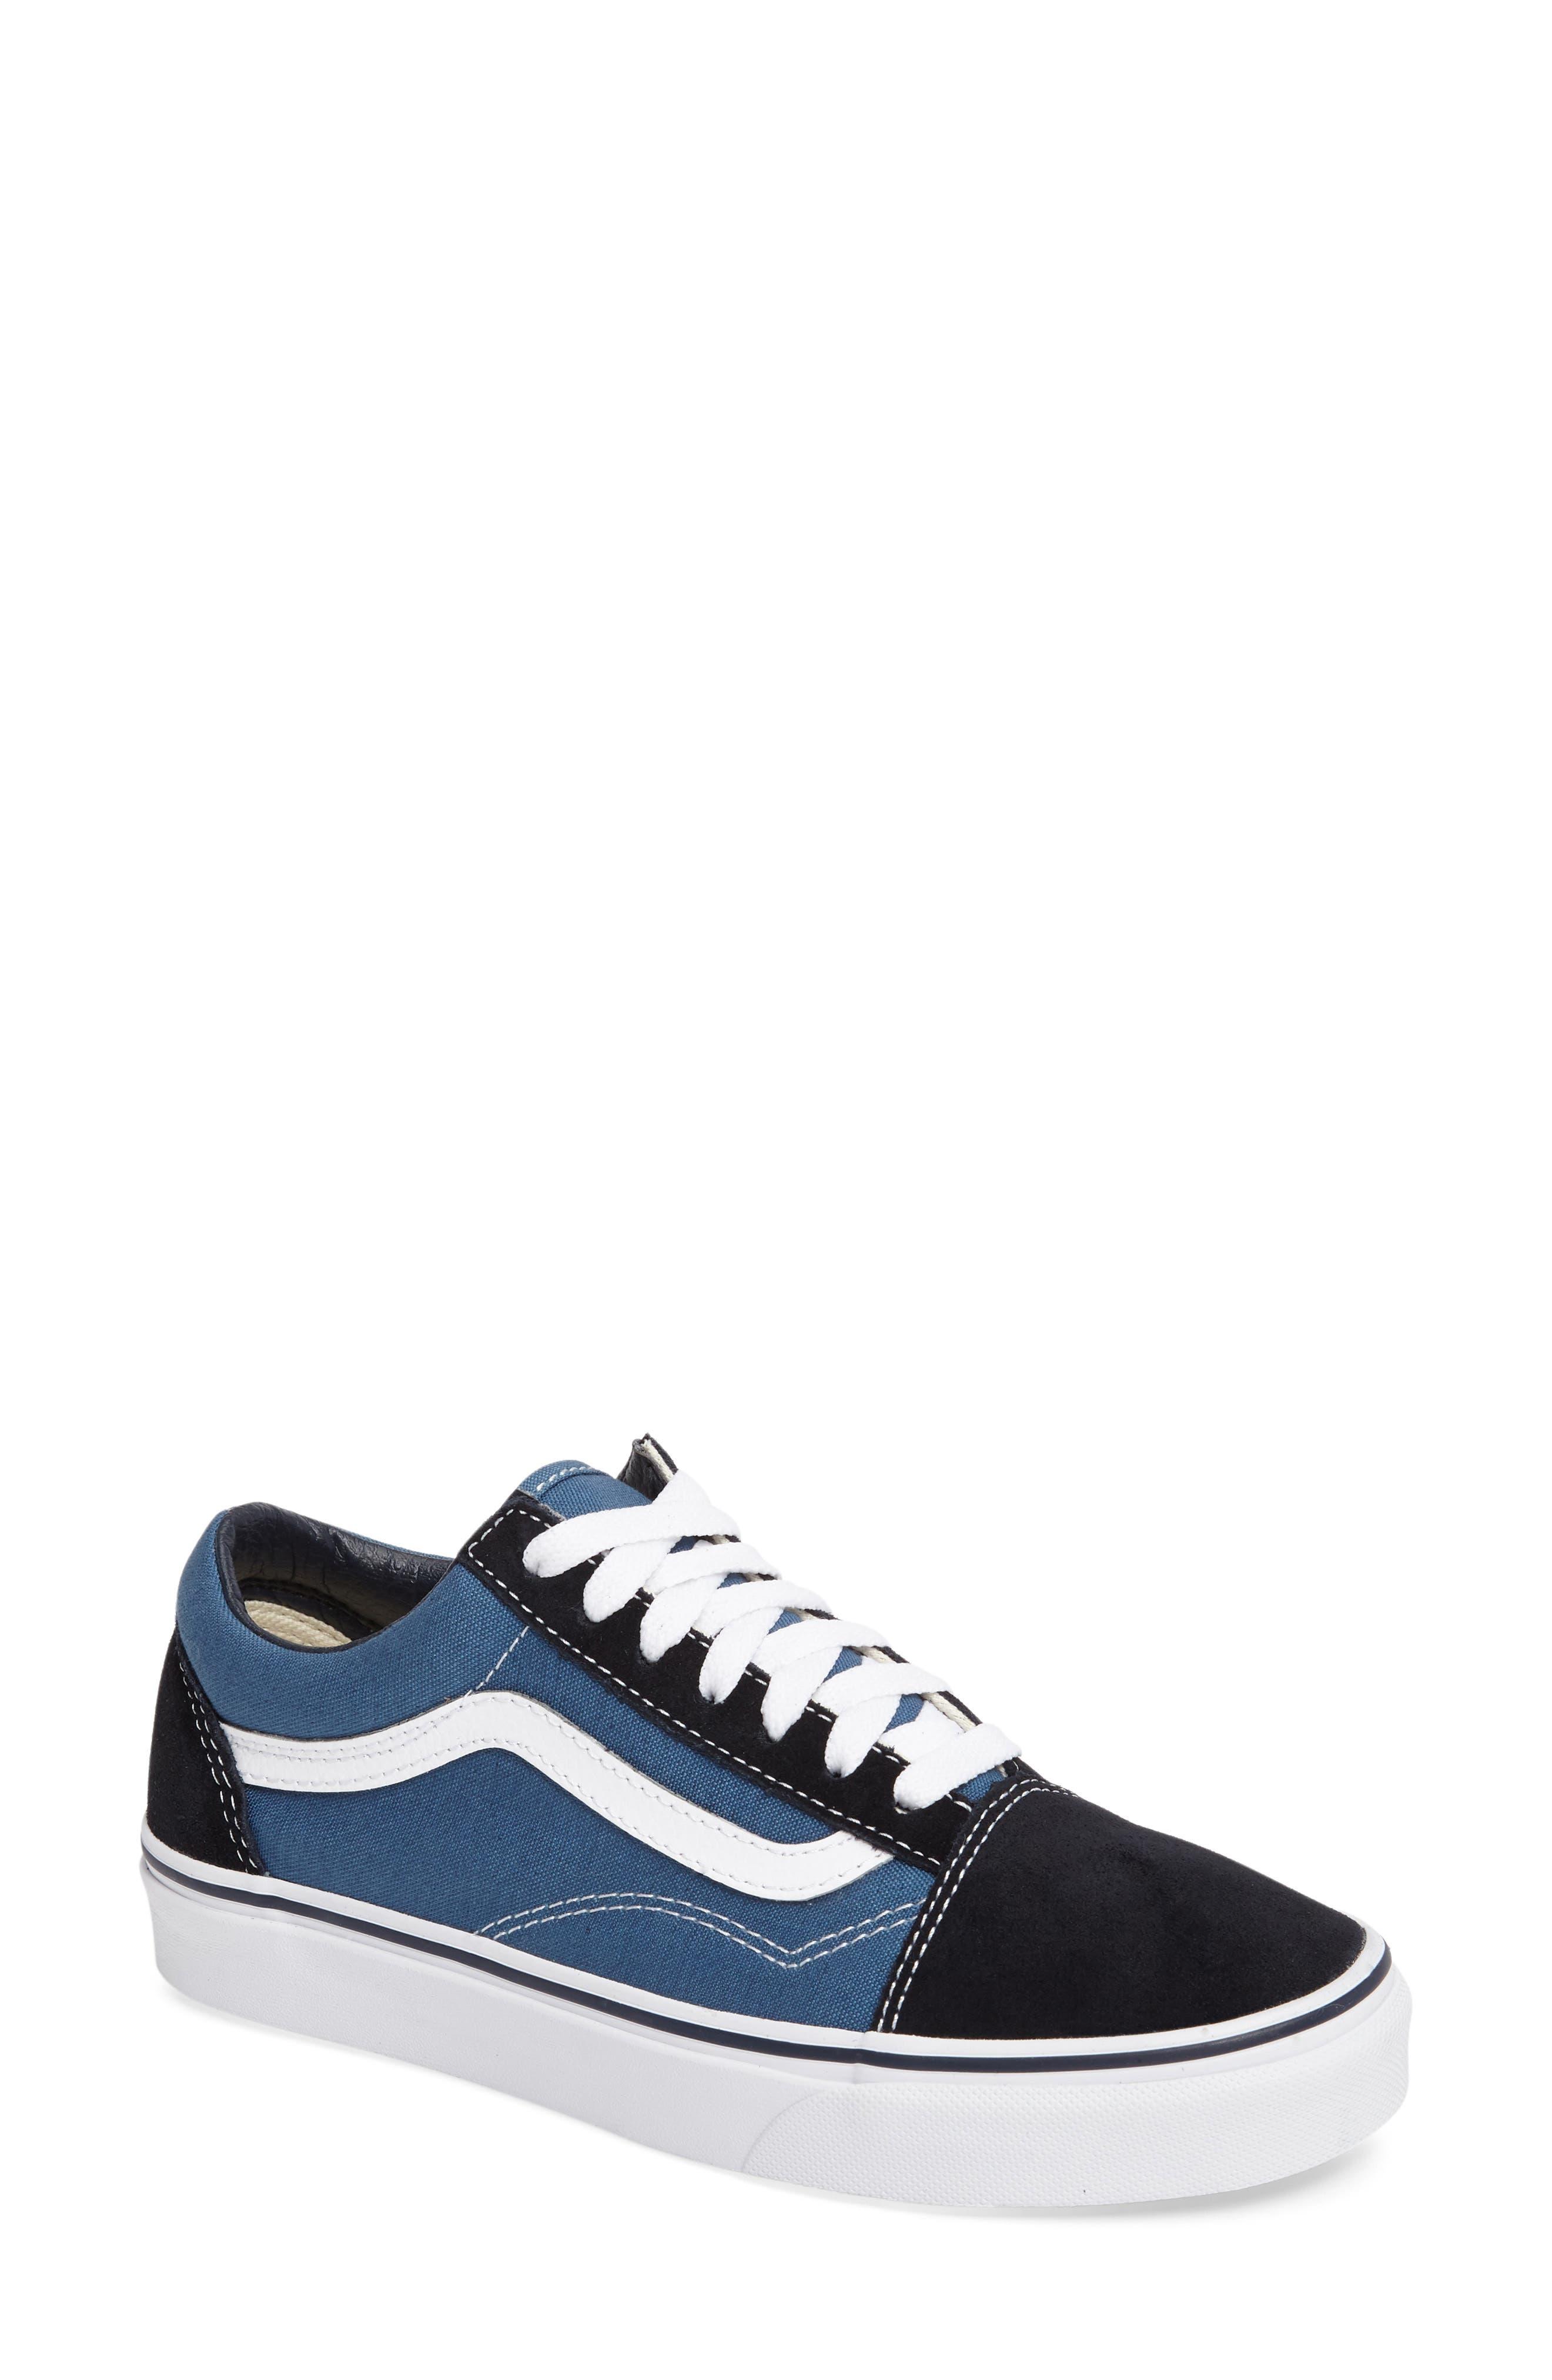 Vans Old Skool Sneaker, Blue